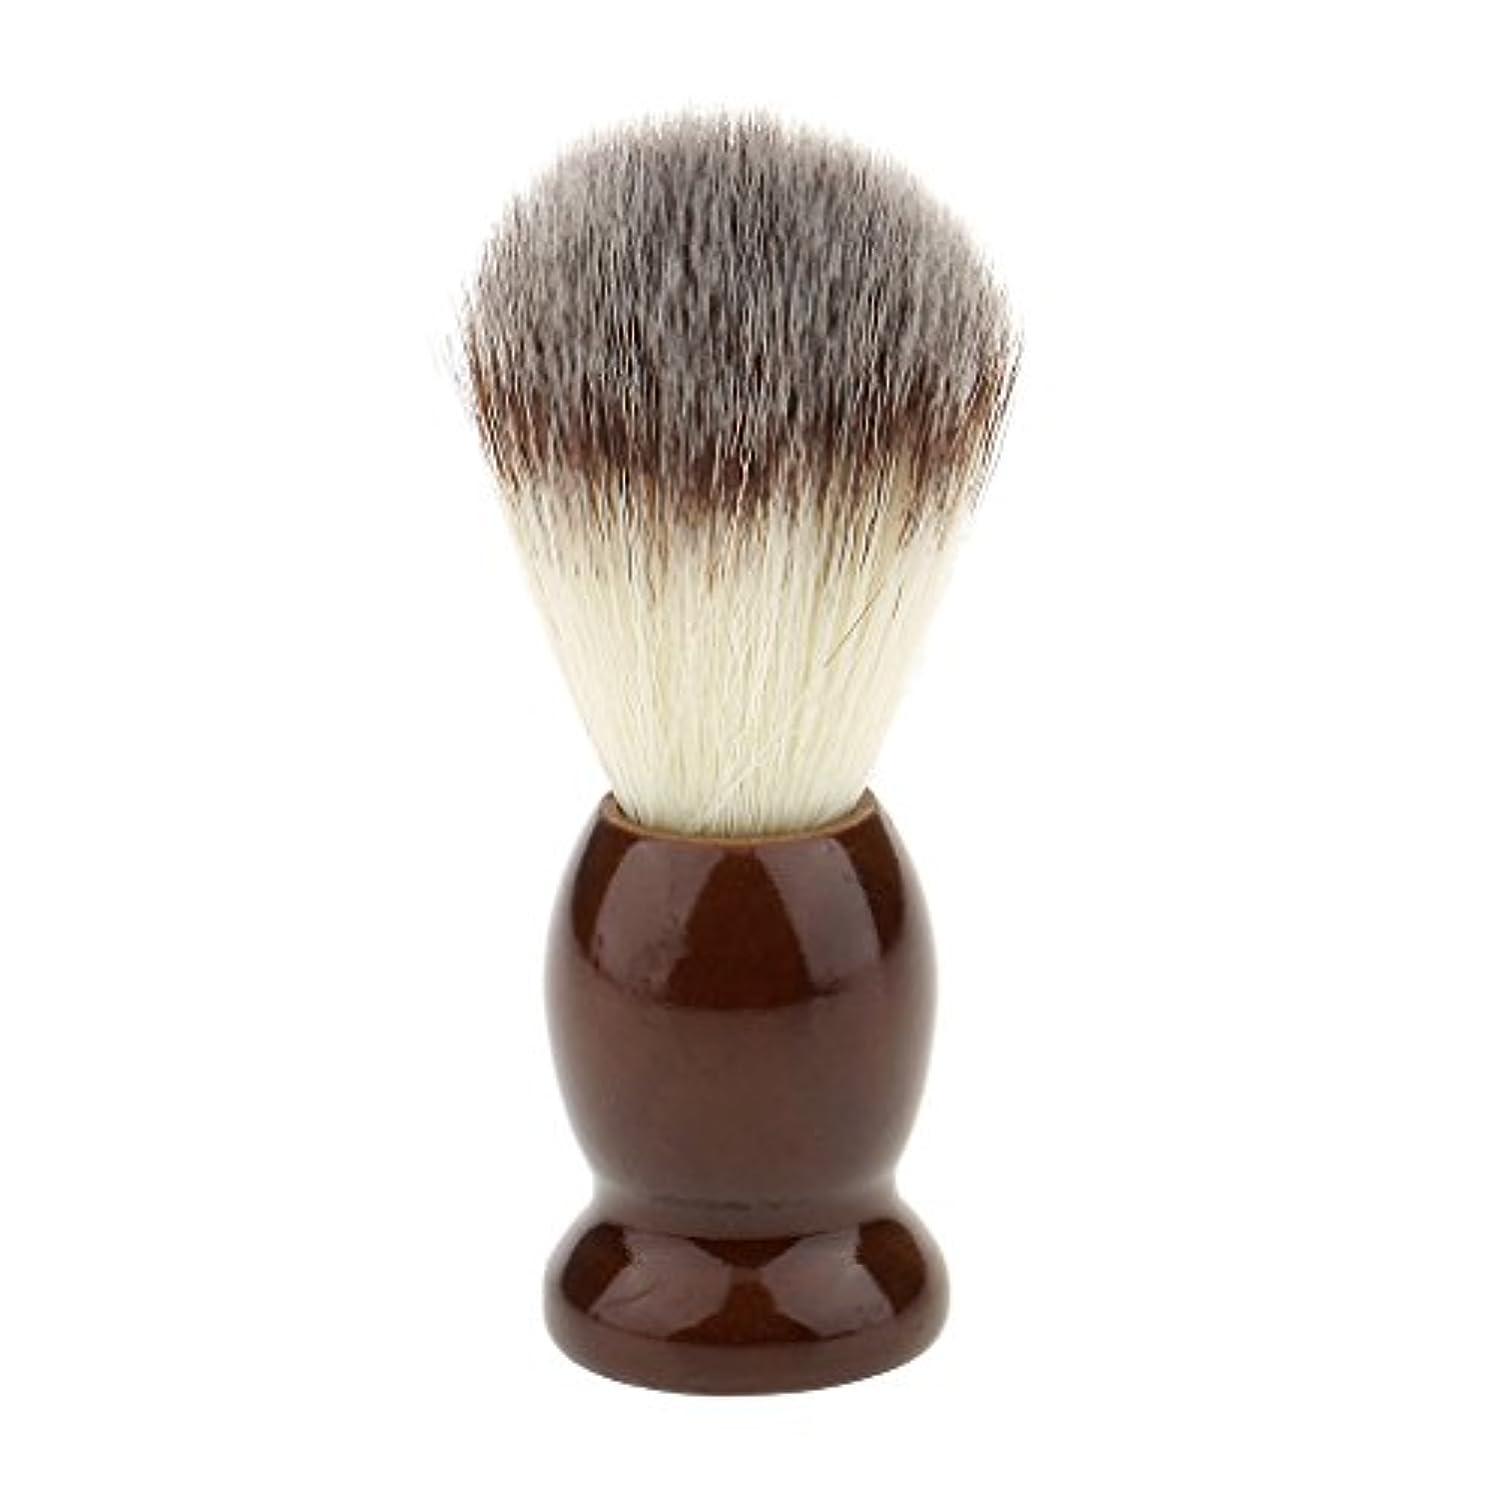 のれん嫌悪維持ナイロン製 シェービングブラシ 柔らかい 理容 洗顔 髭剃り 便携 10.5cm ブラウン